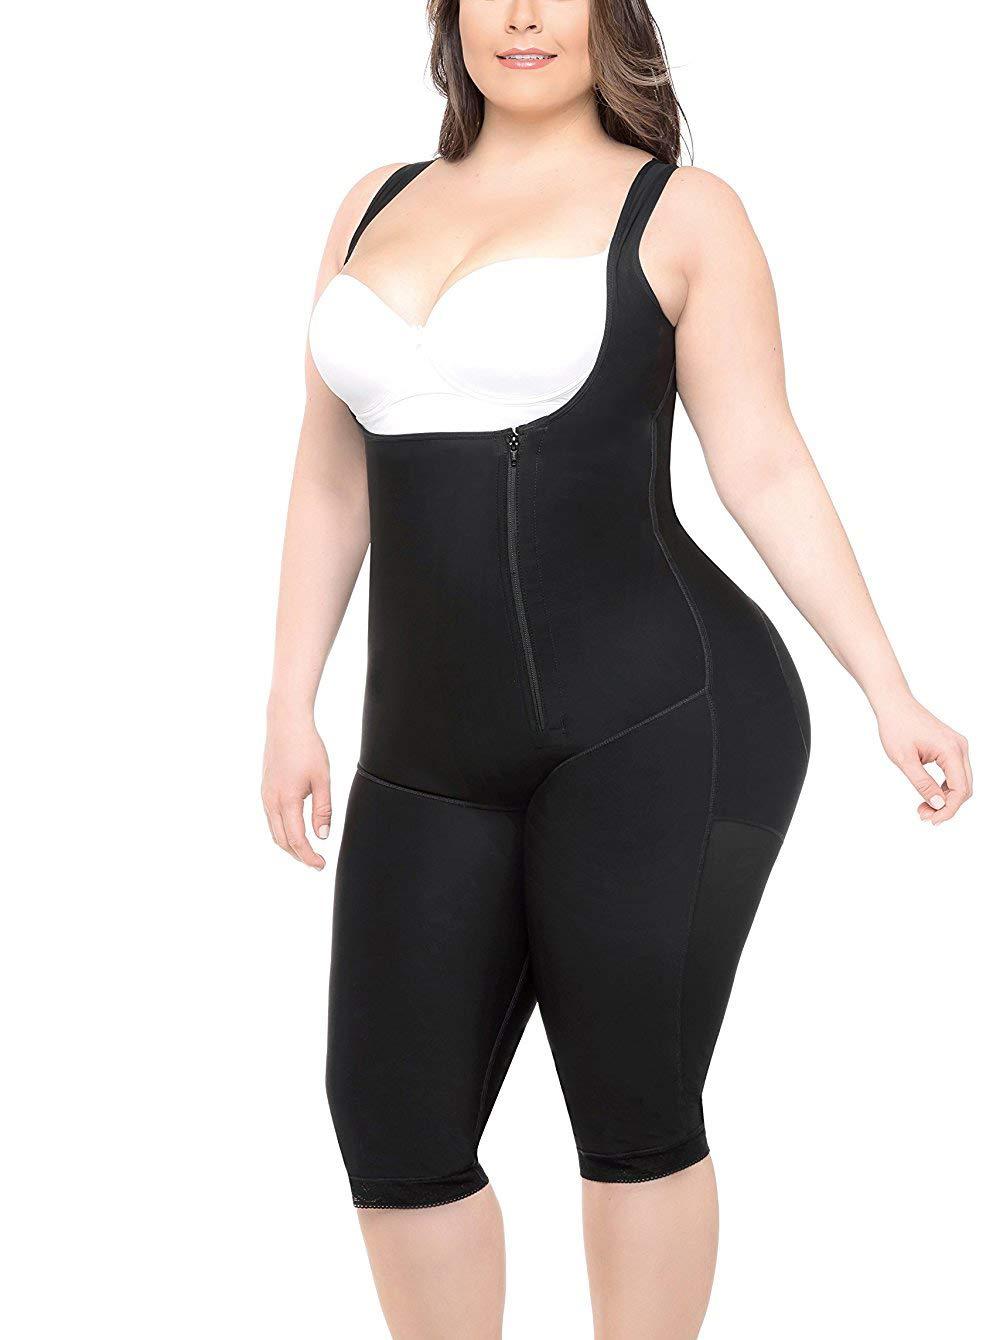 EESIM Women's Plus Size Full Body Shaper Open-Bust Slimmer Seamless Tummy Control Shapewear Bodysuit